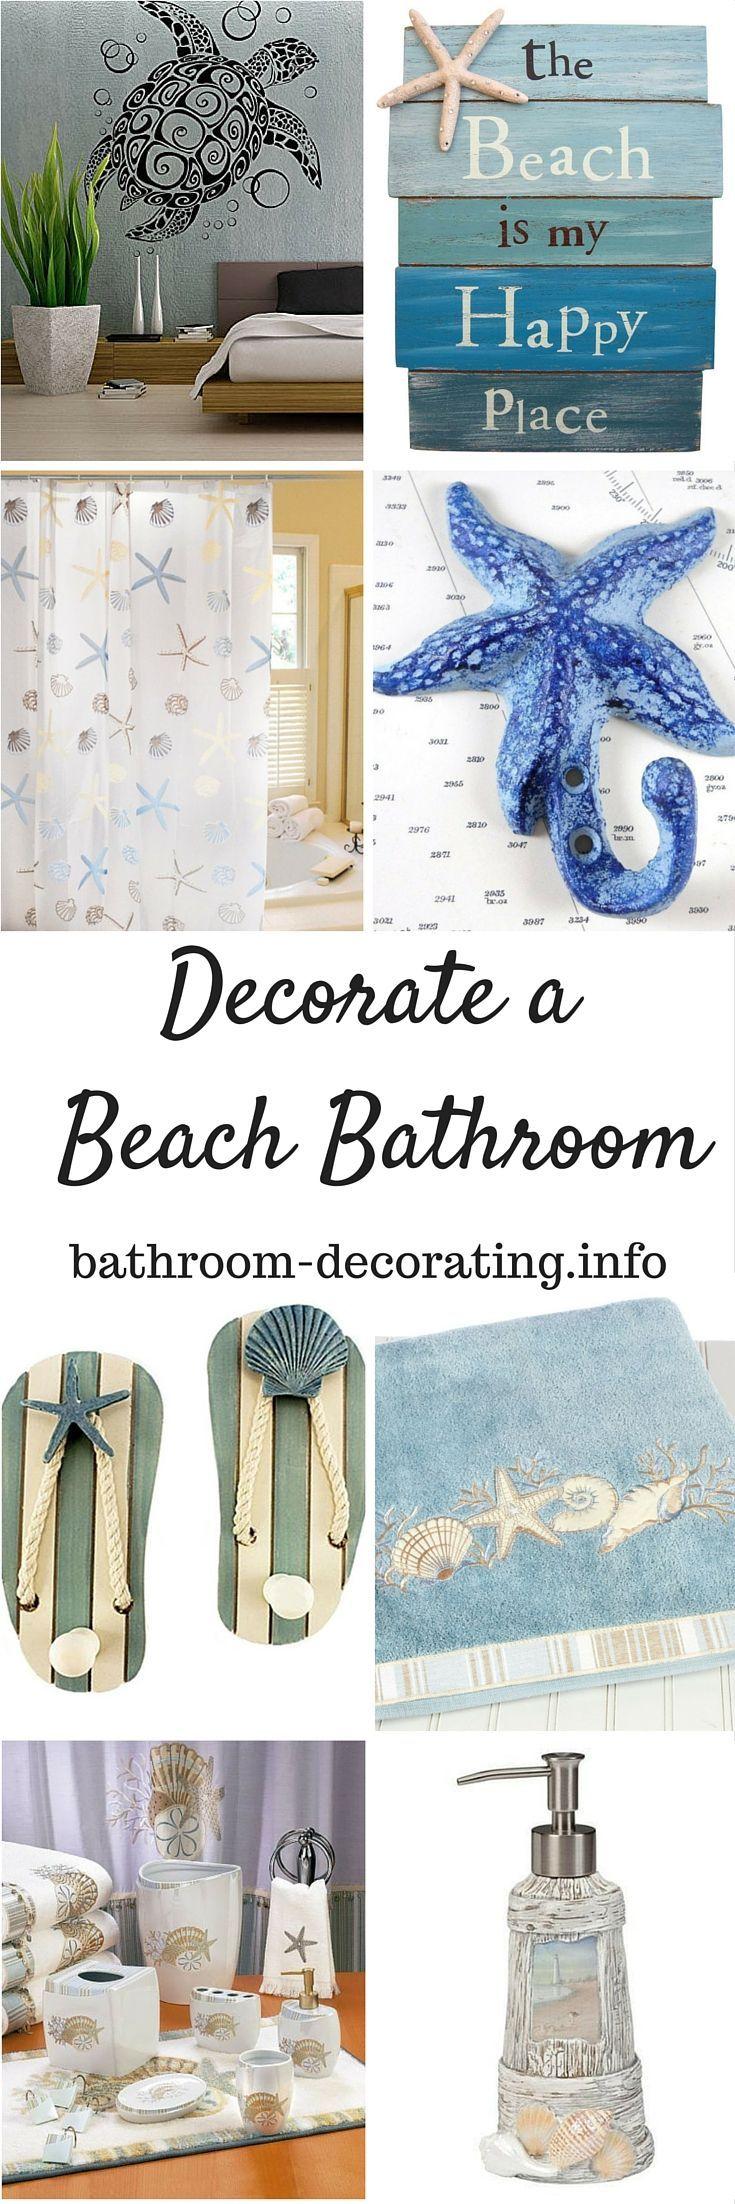 358 best Beach Bathroom Ideas Decor and